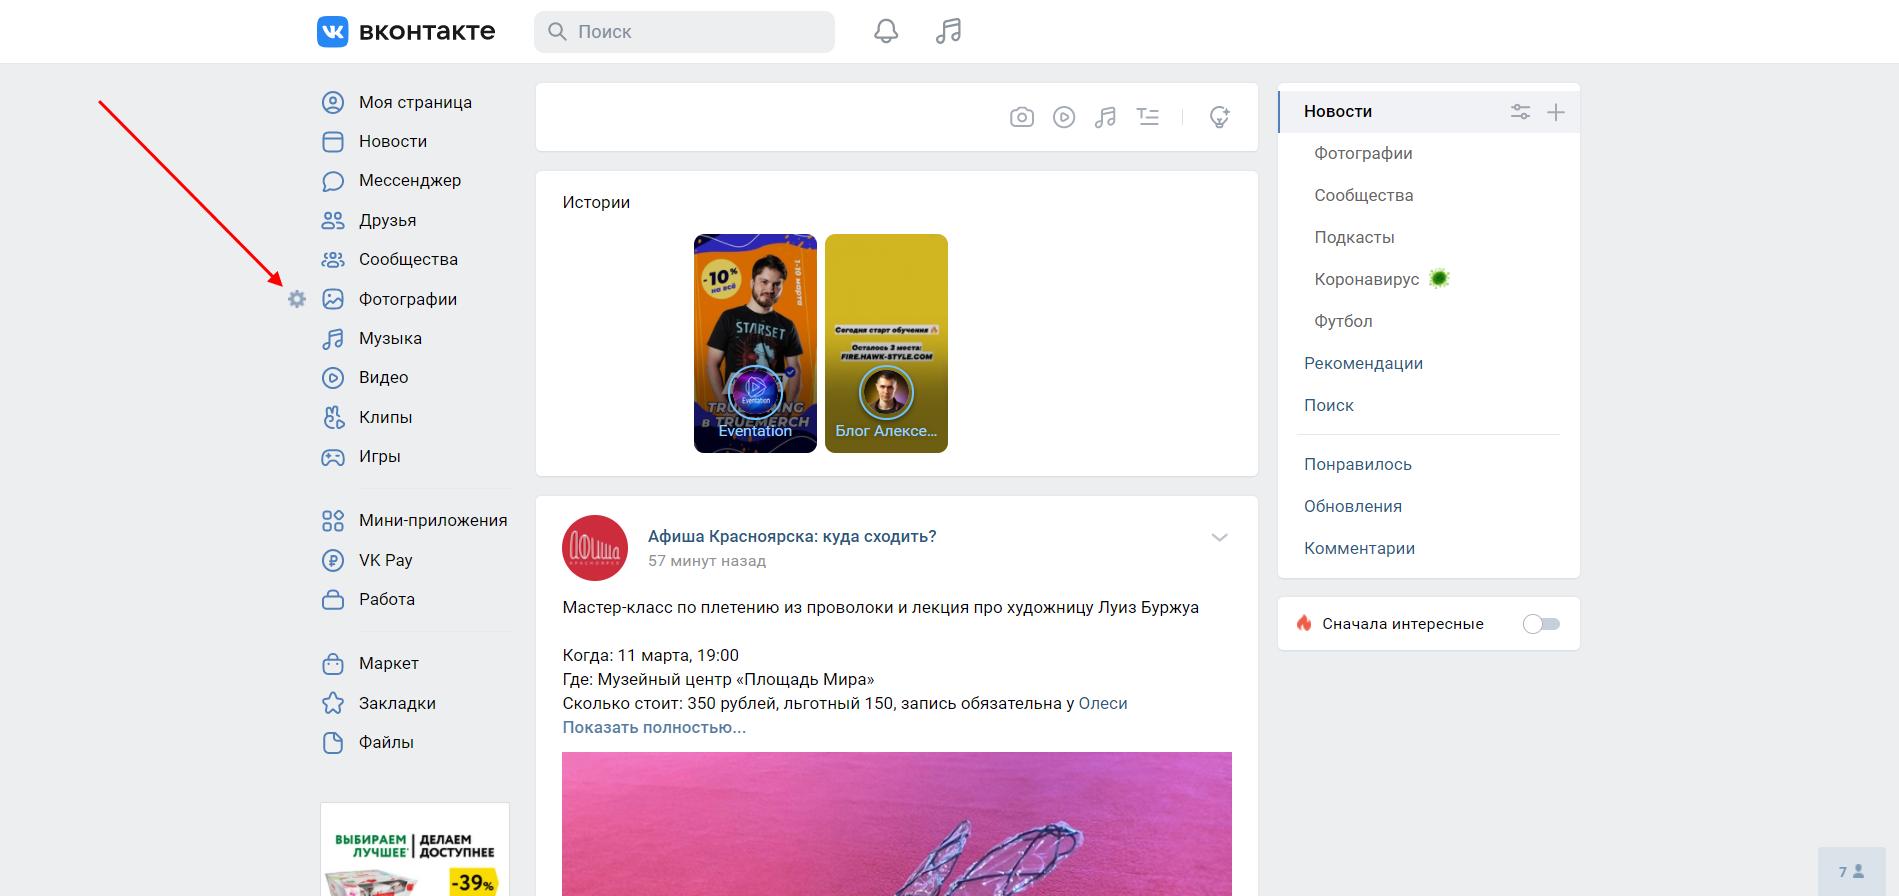 Как настроить пункты меню во ВКонтакте